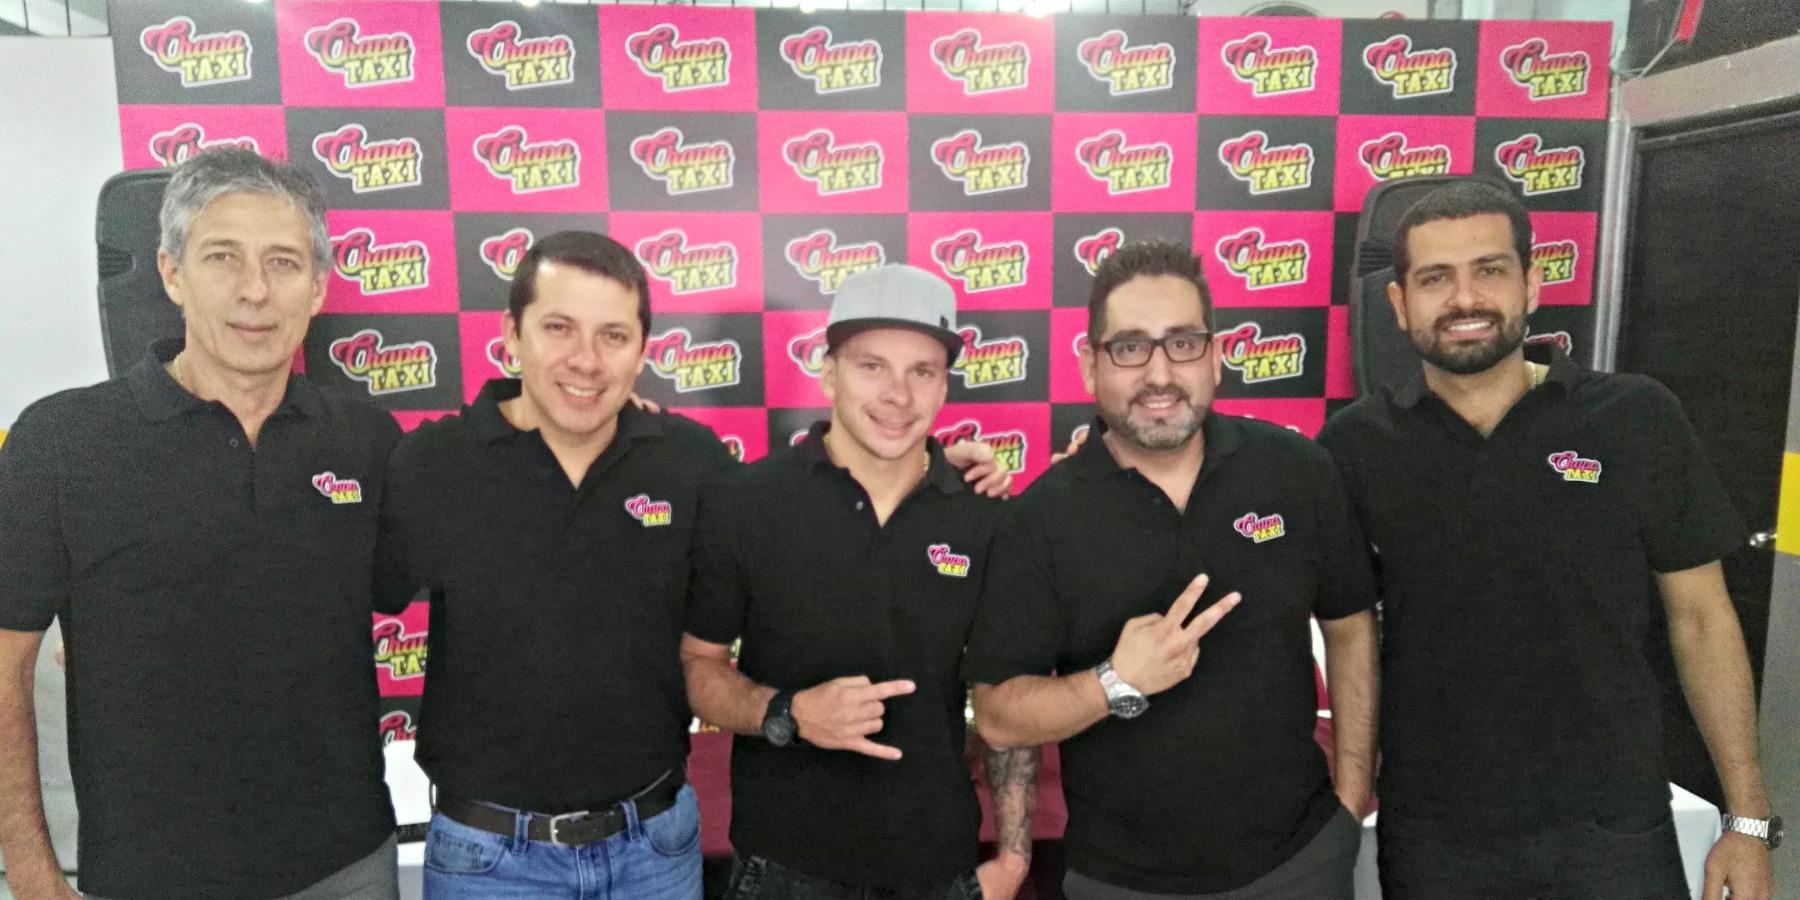 Chapa Taxi: Lanzan primera aplicación de taxis 100% peruana